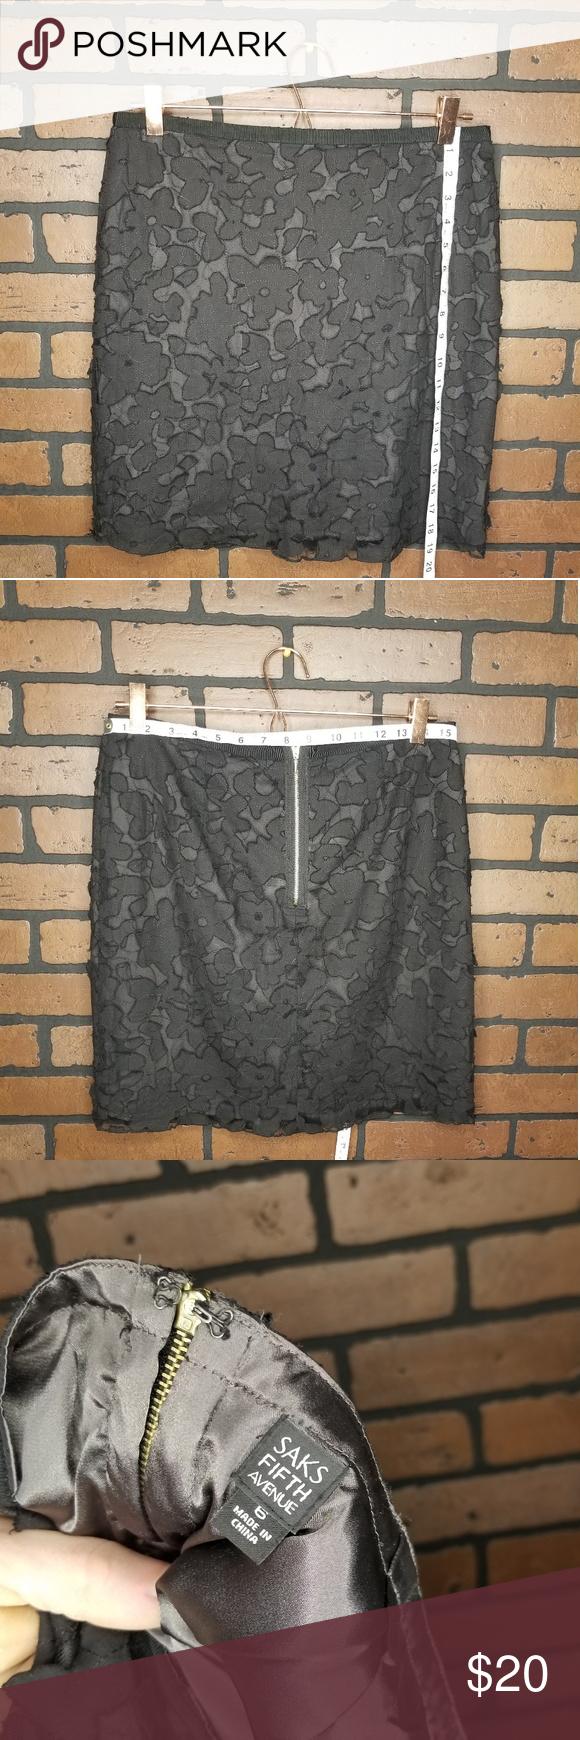 Saks Fifth Avenue Mini Skirt Floral Lace Black Mini Skirts